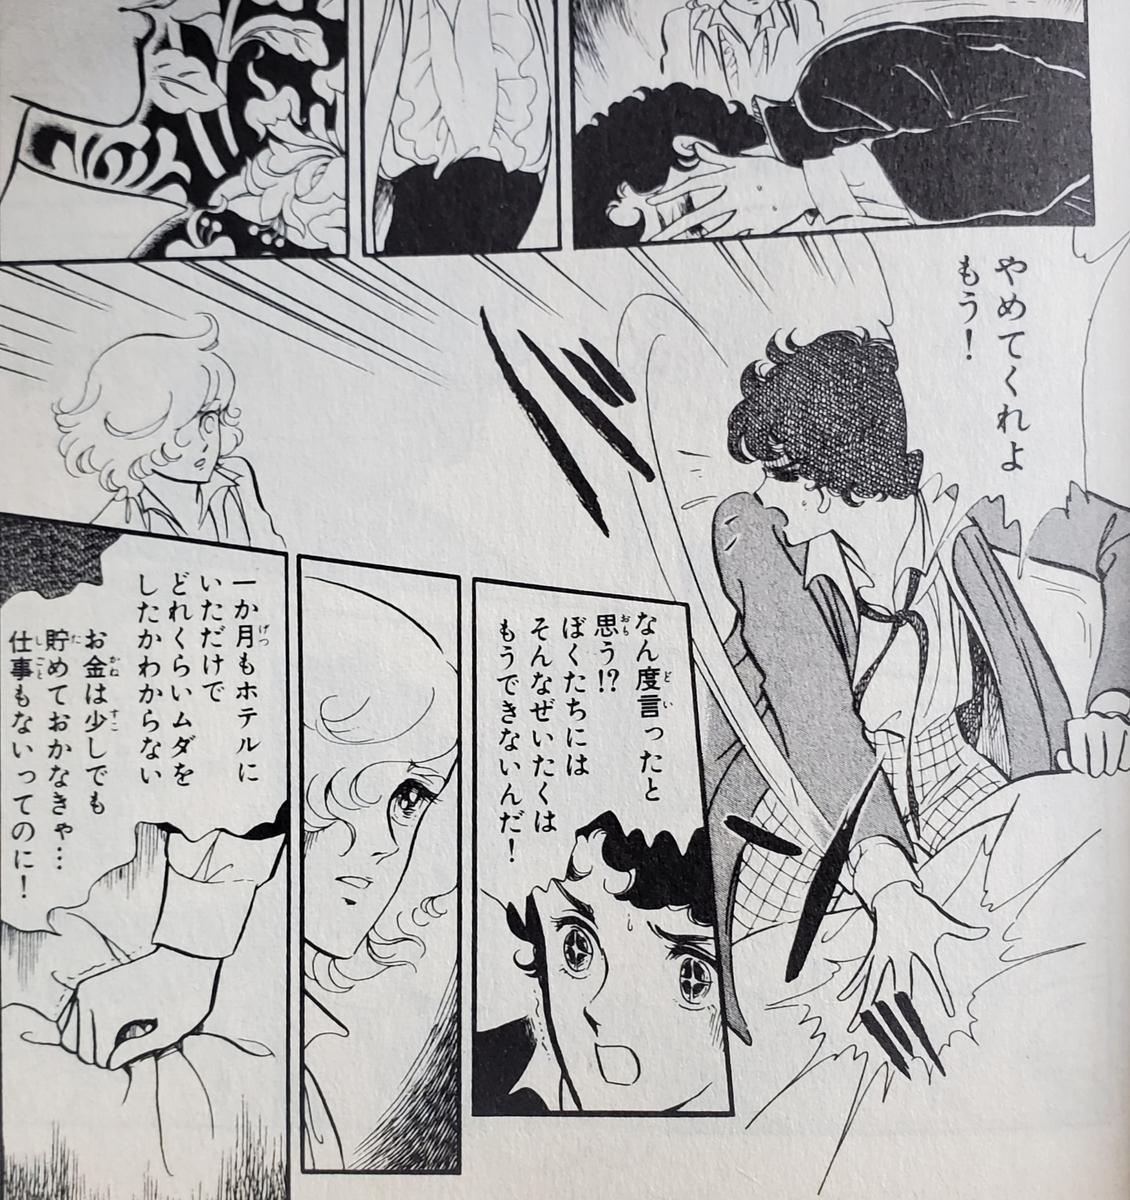 f:id:akirainhope:20200704084242j:plain